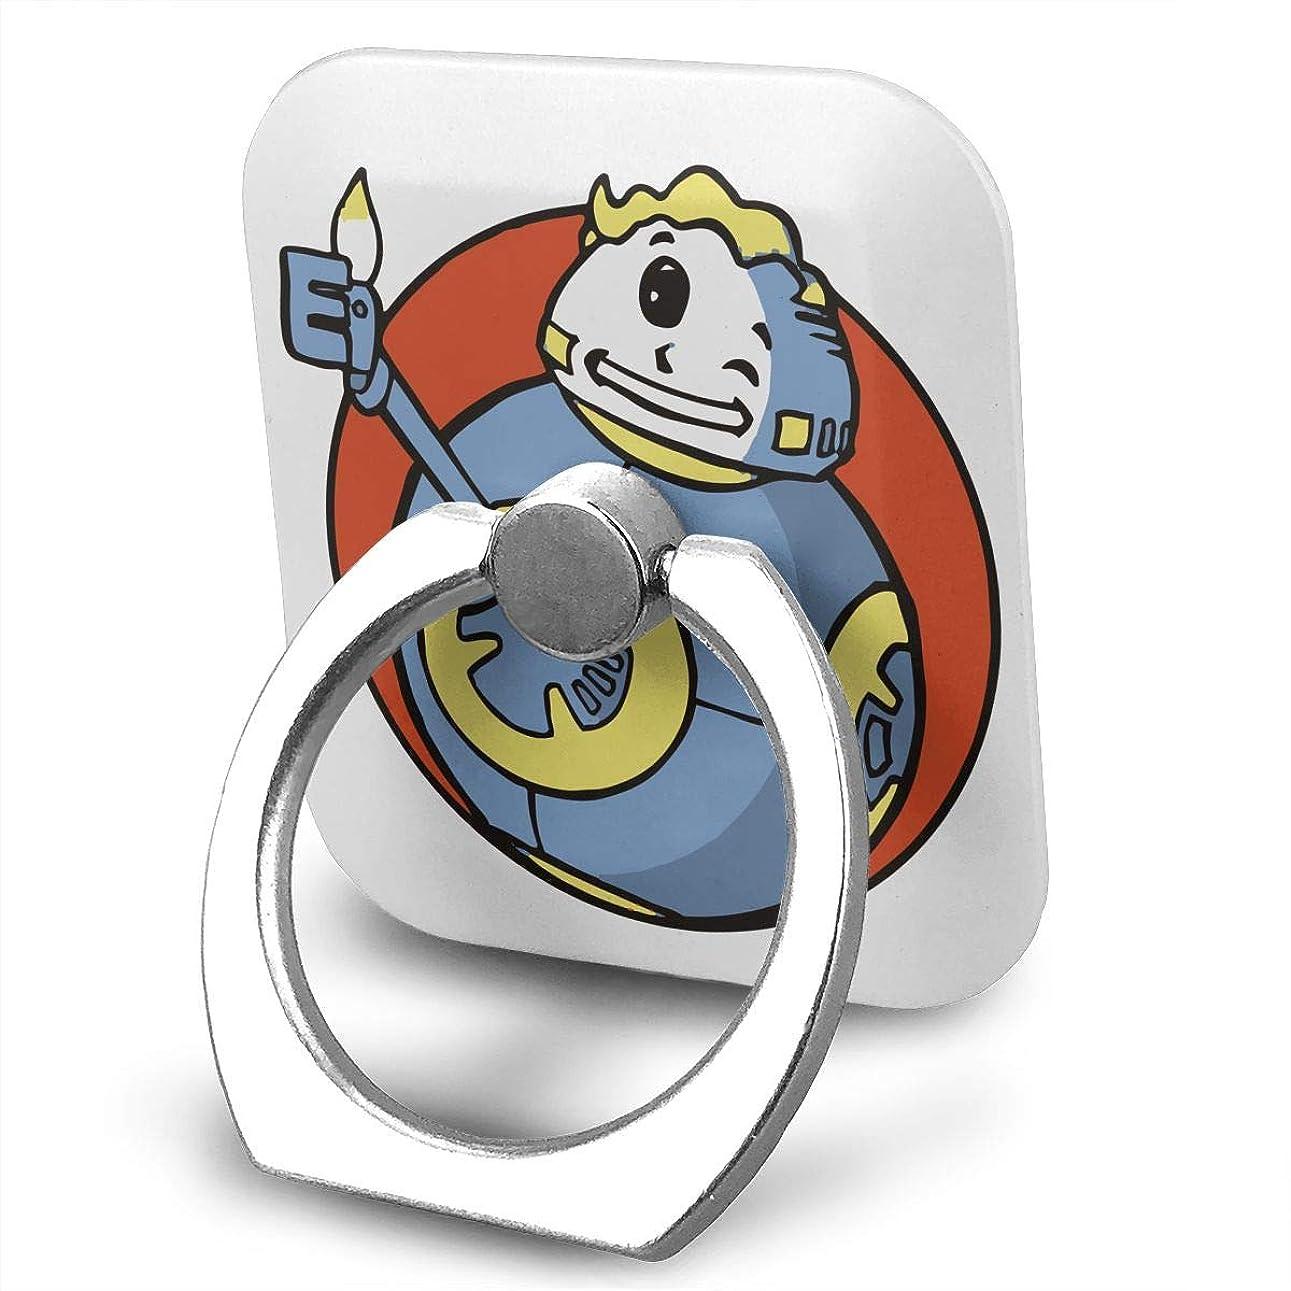 思われるマルコポーロ対応ゲーム フォールアウト スマホ リング ホールドリング 指輪リング スクエアス 薄型 おしゃれ スタンド機能 落下防止 360度回転 タブレット/スマホ IPhone/Android各種他対応